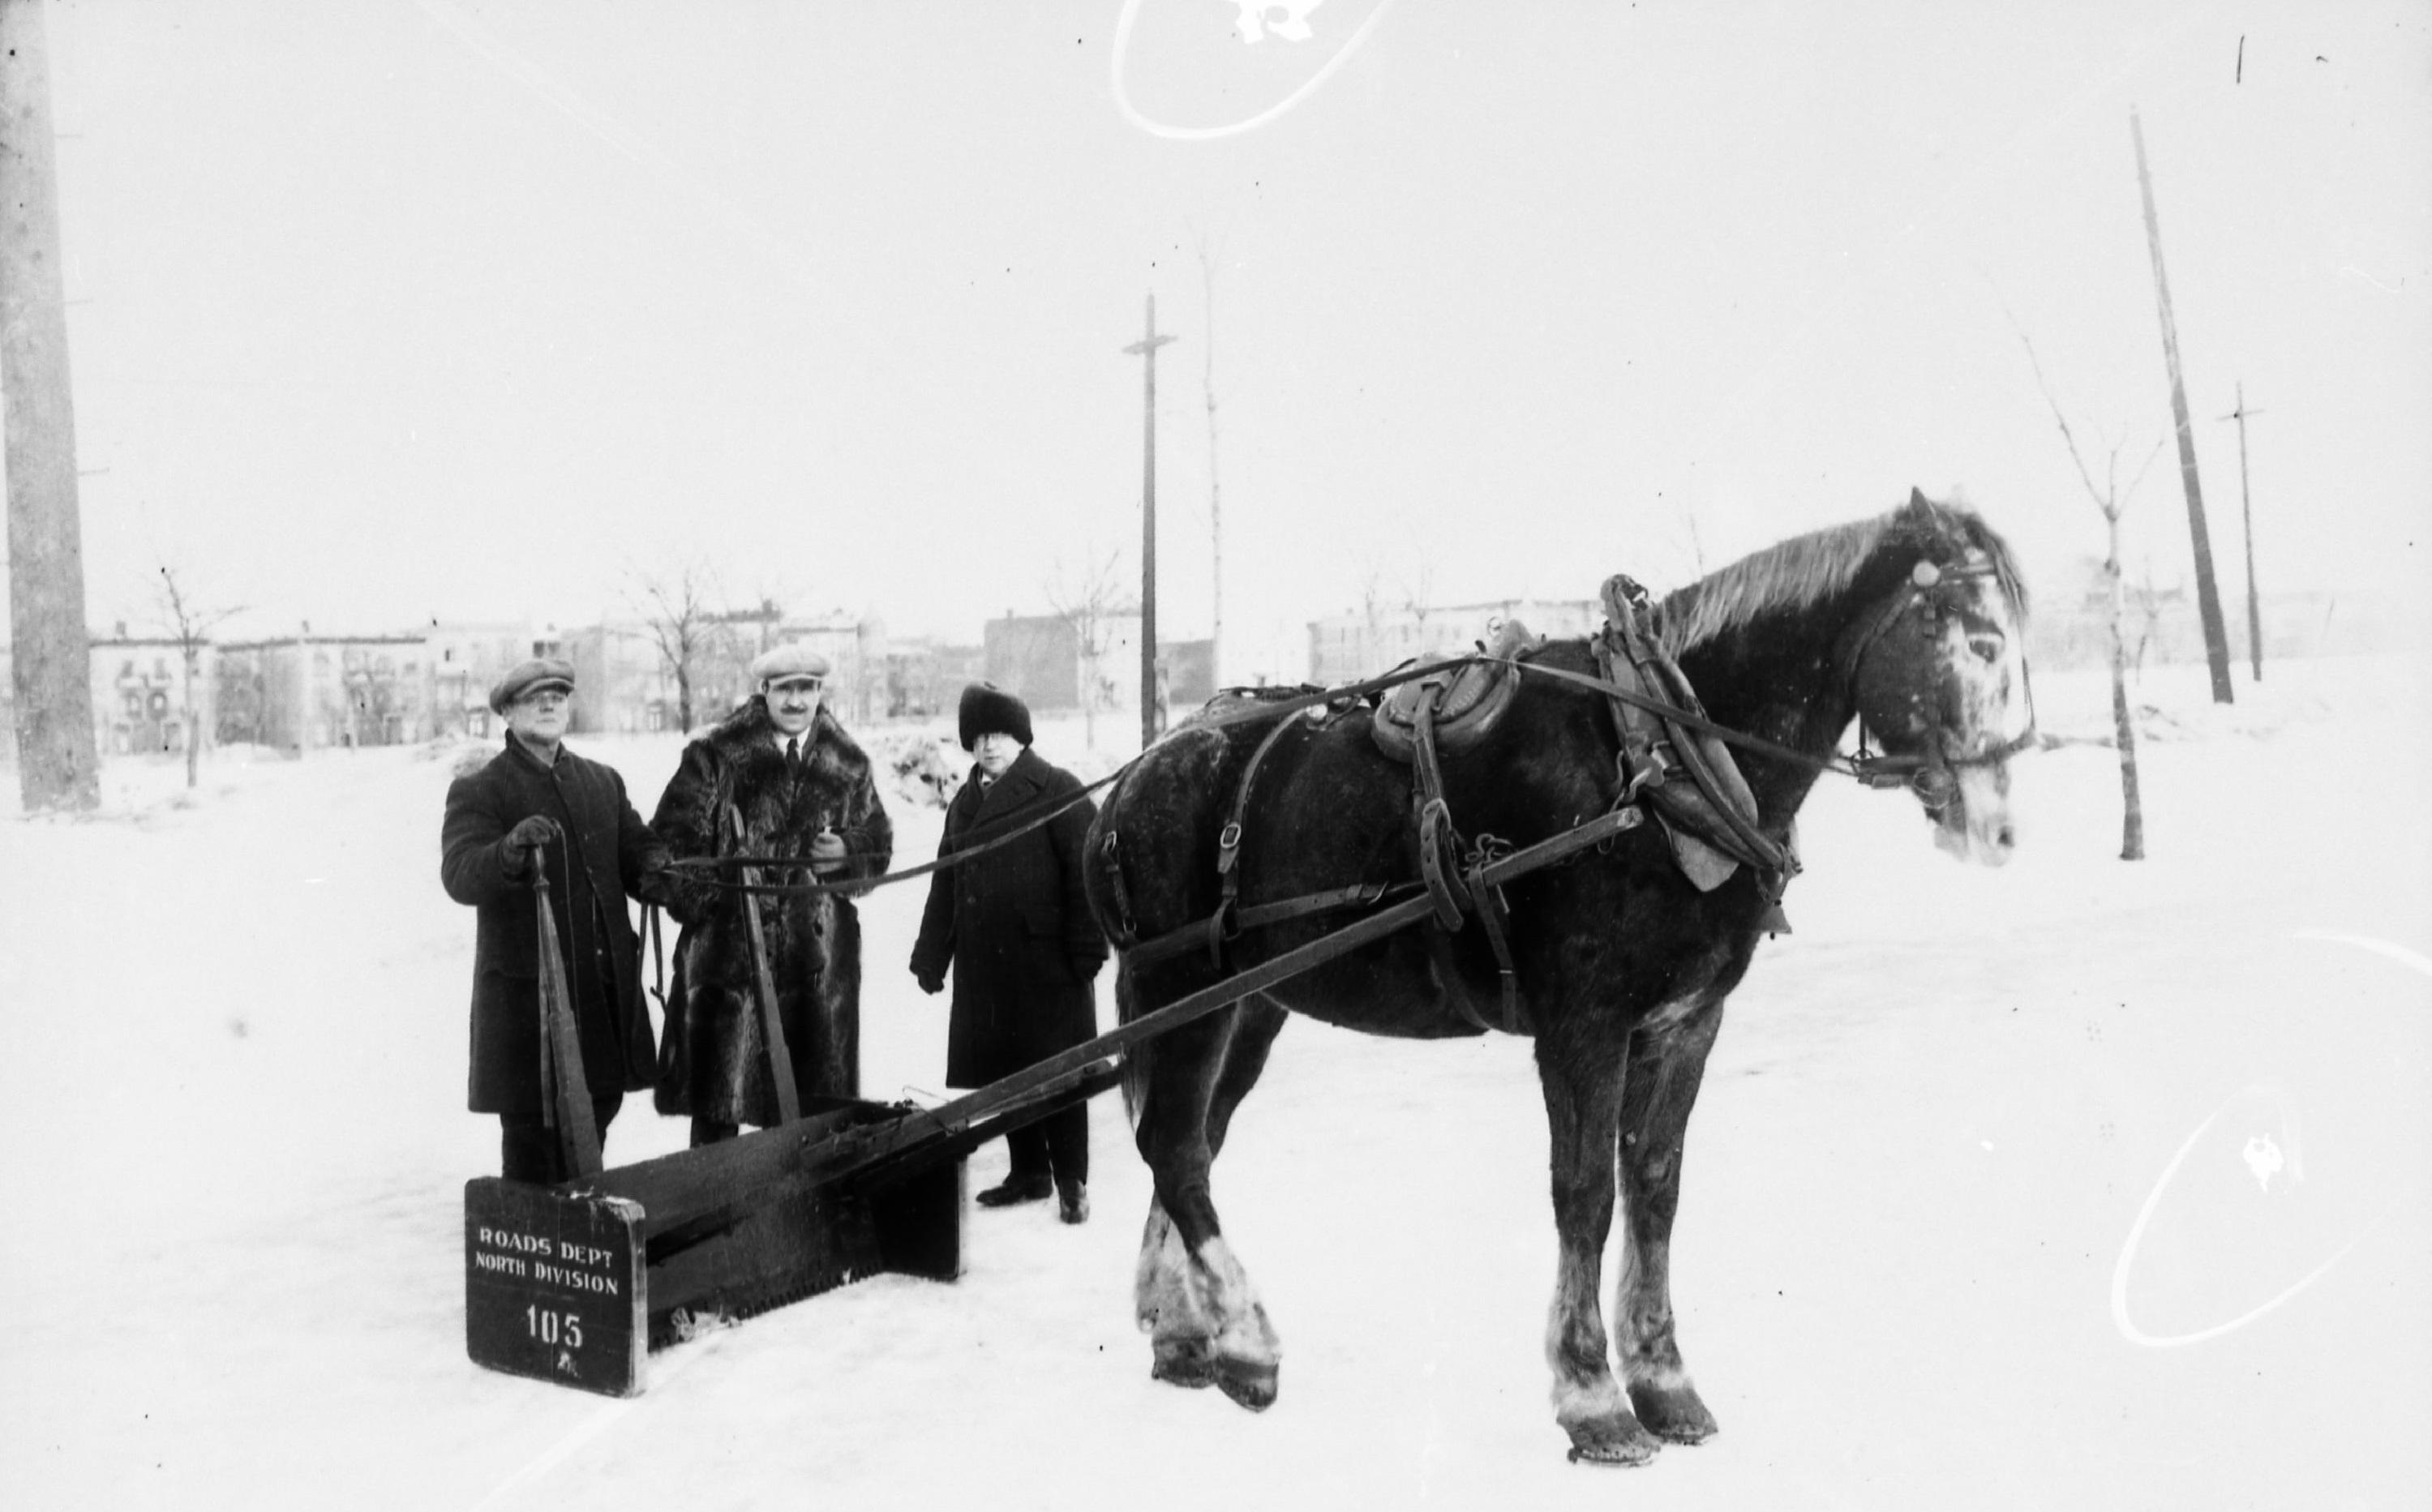 Déneigement des rues de Montréal, vers 1930. ©Archives de la Ville de Montréal, Z-103-2